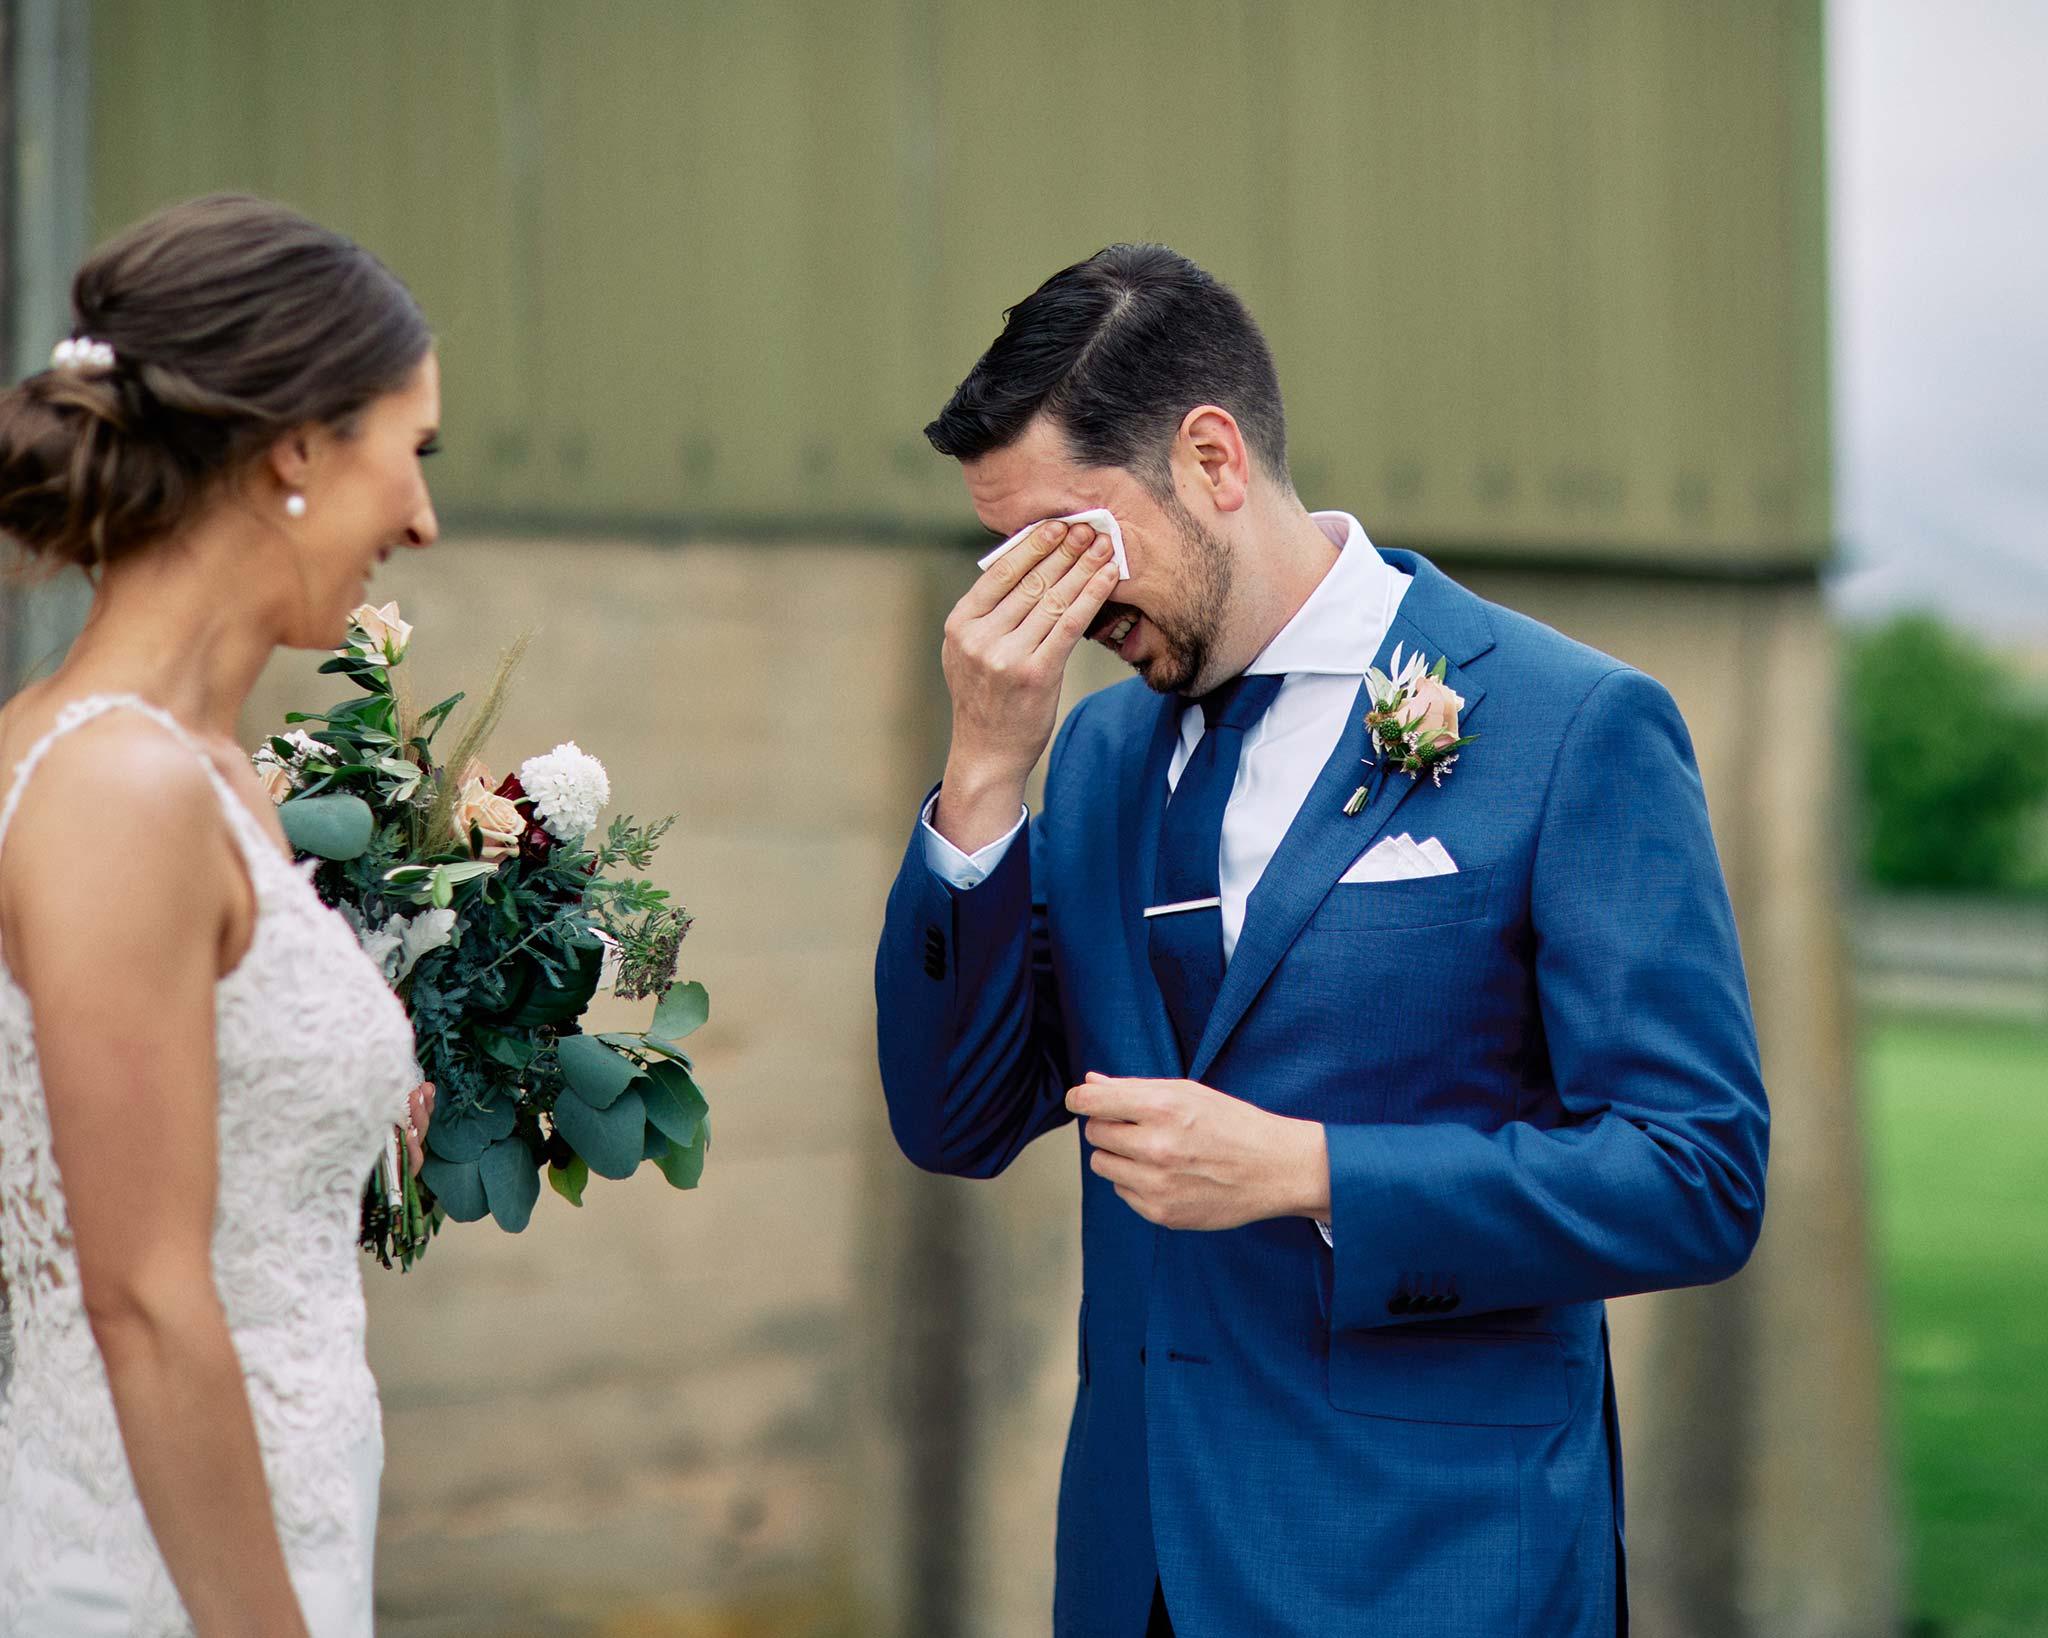 Zonzo estate wedding groom crying